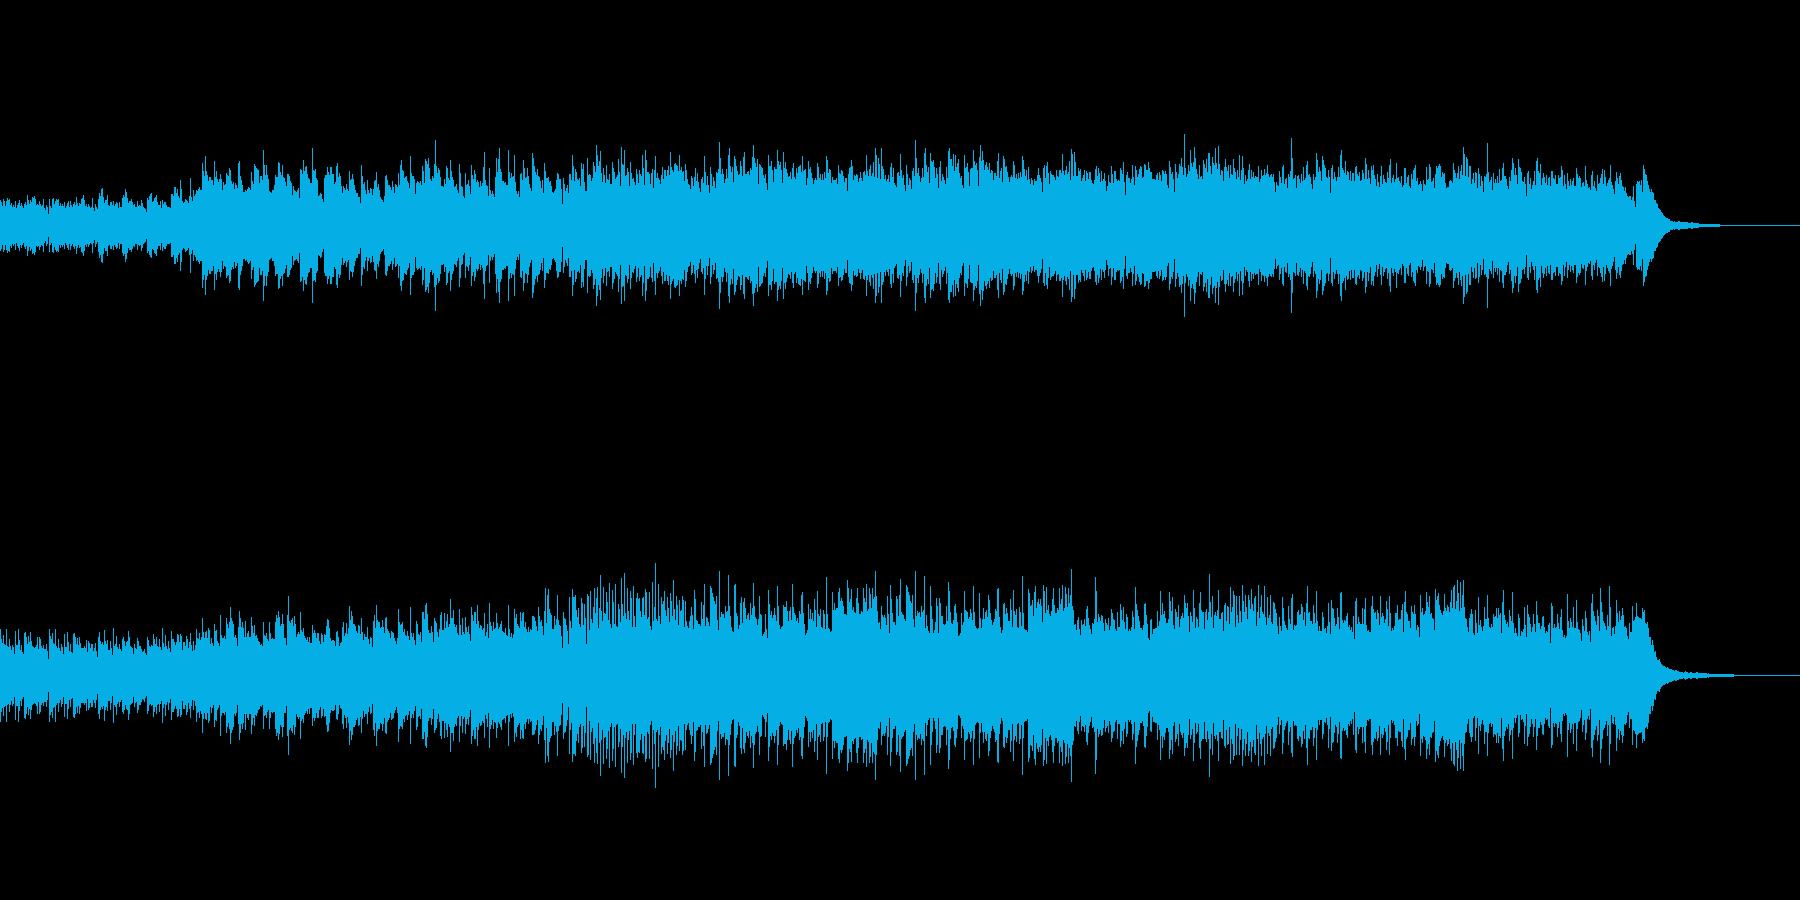 ピアノと手拍子の爽やかな曲の再生済みの波形